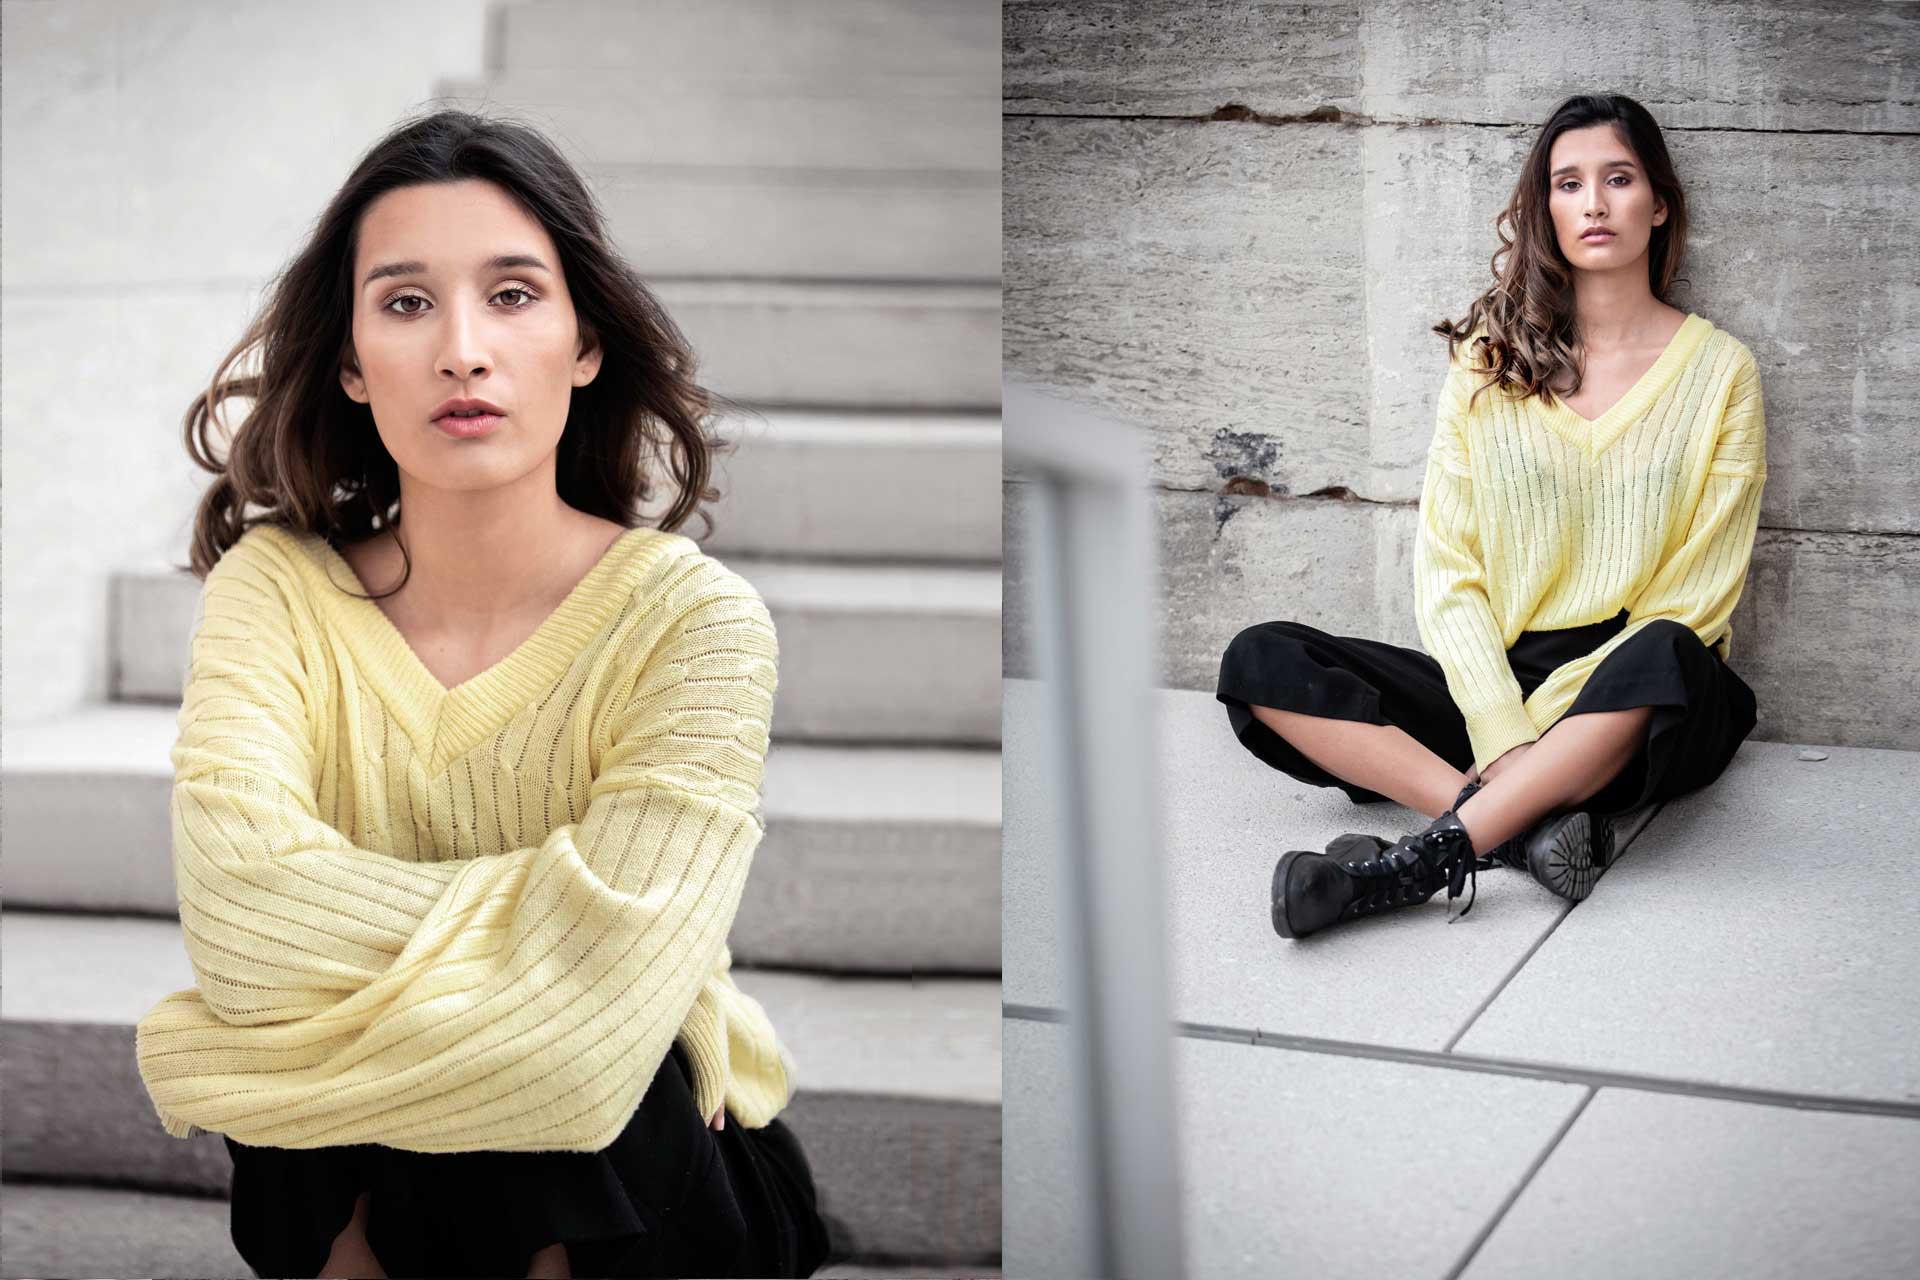 portrait-fotografie-editorial-fashionportrait